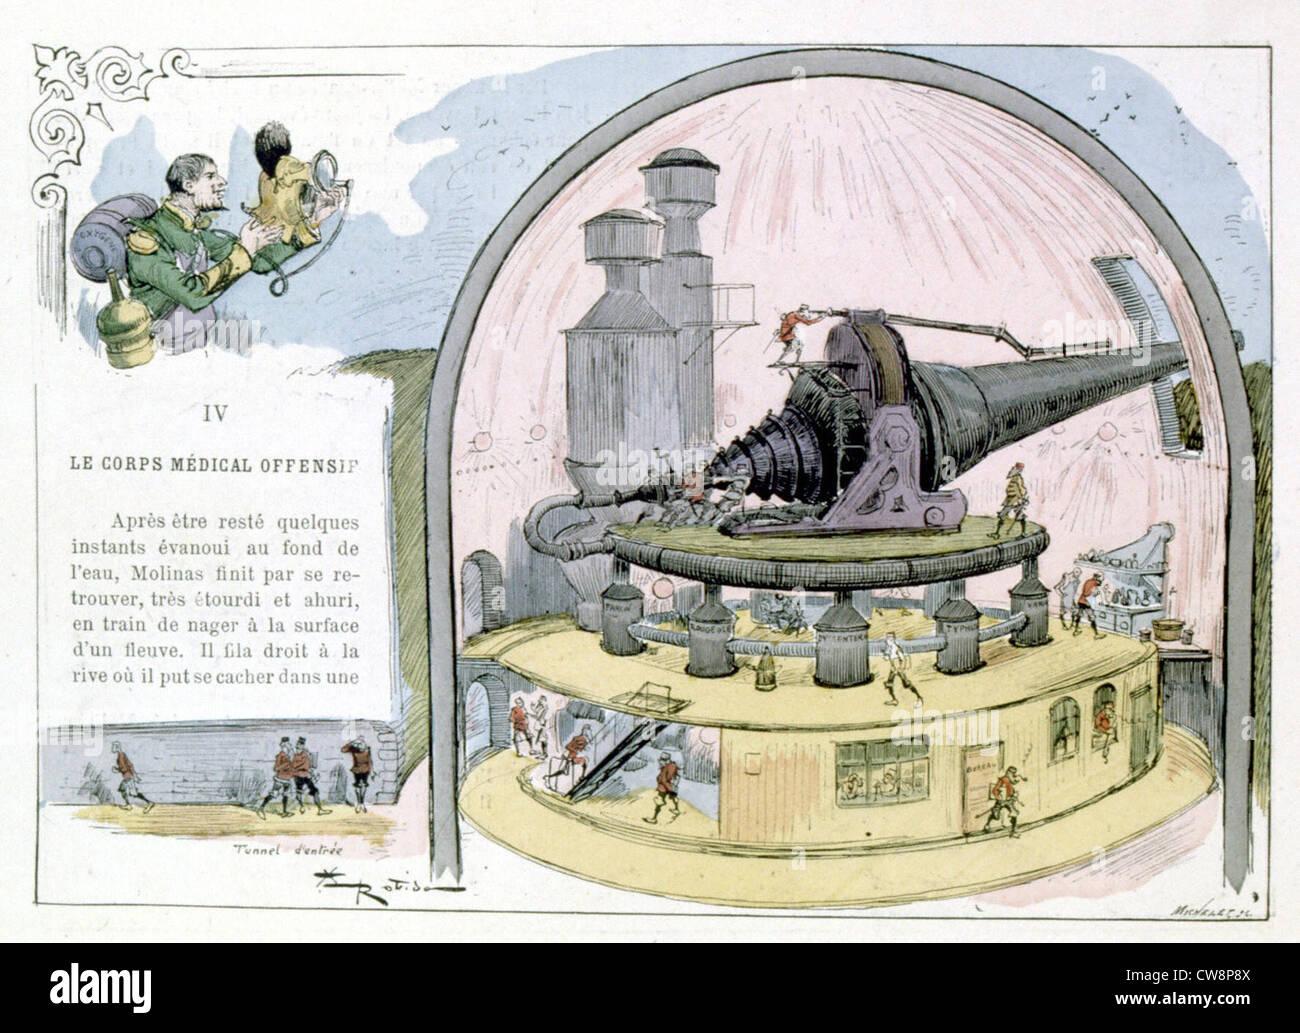 Guerra en el siglo XX, ilustraciones de Robida Imagen De Stock